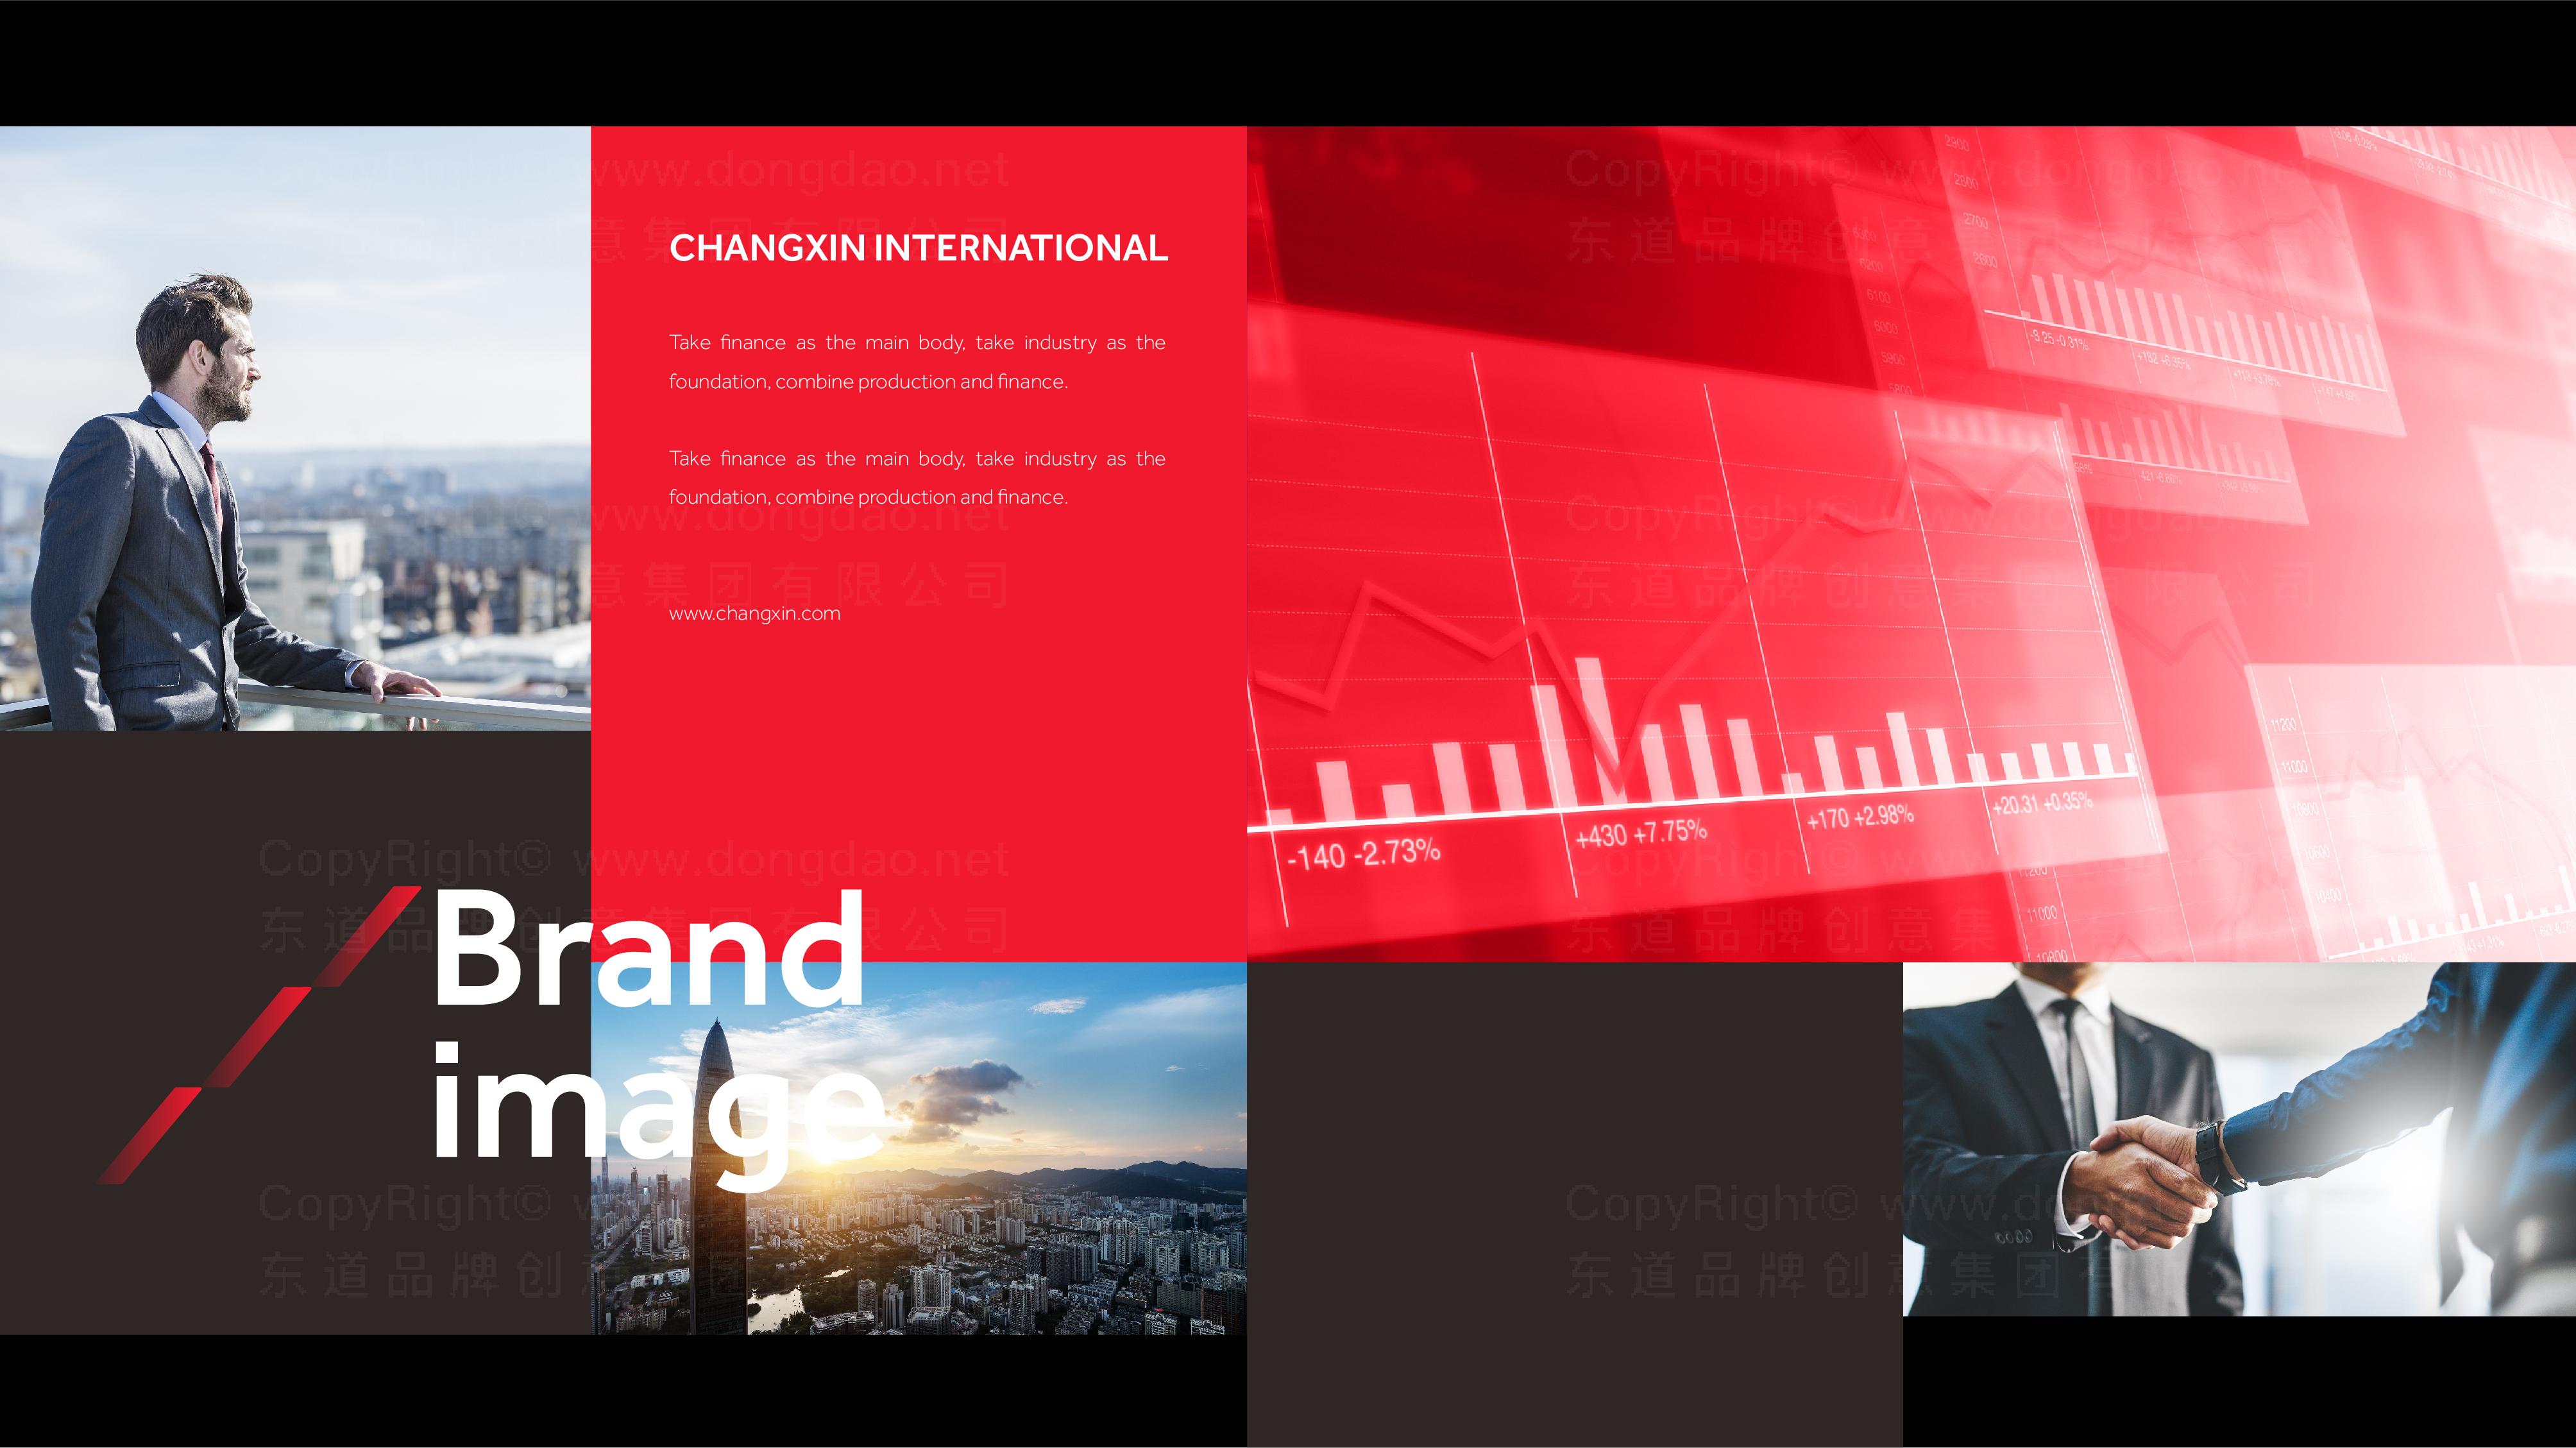 品牌设计常新国际LOGO&VI设计应用场景_1